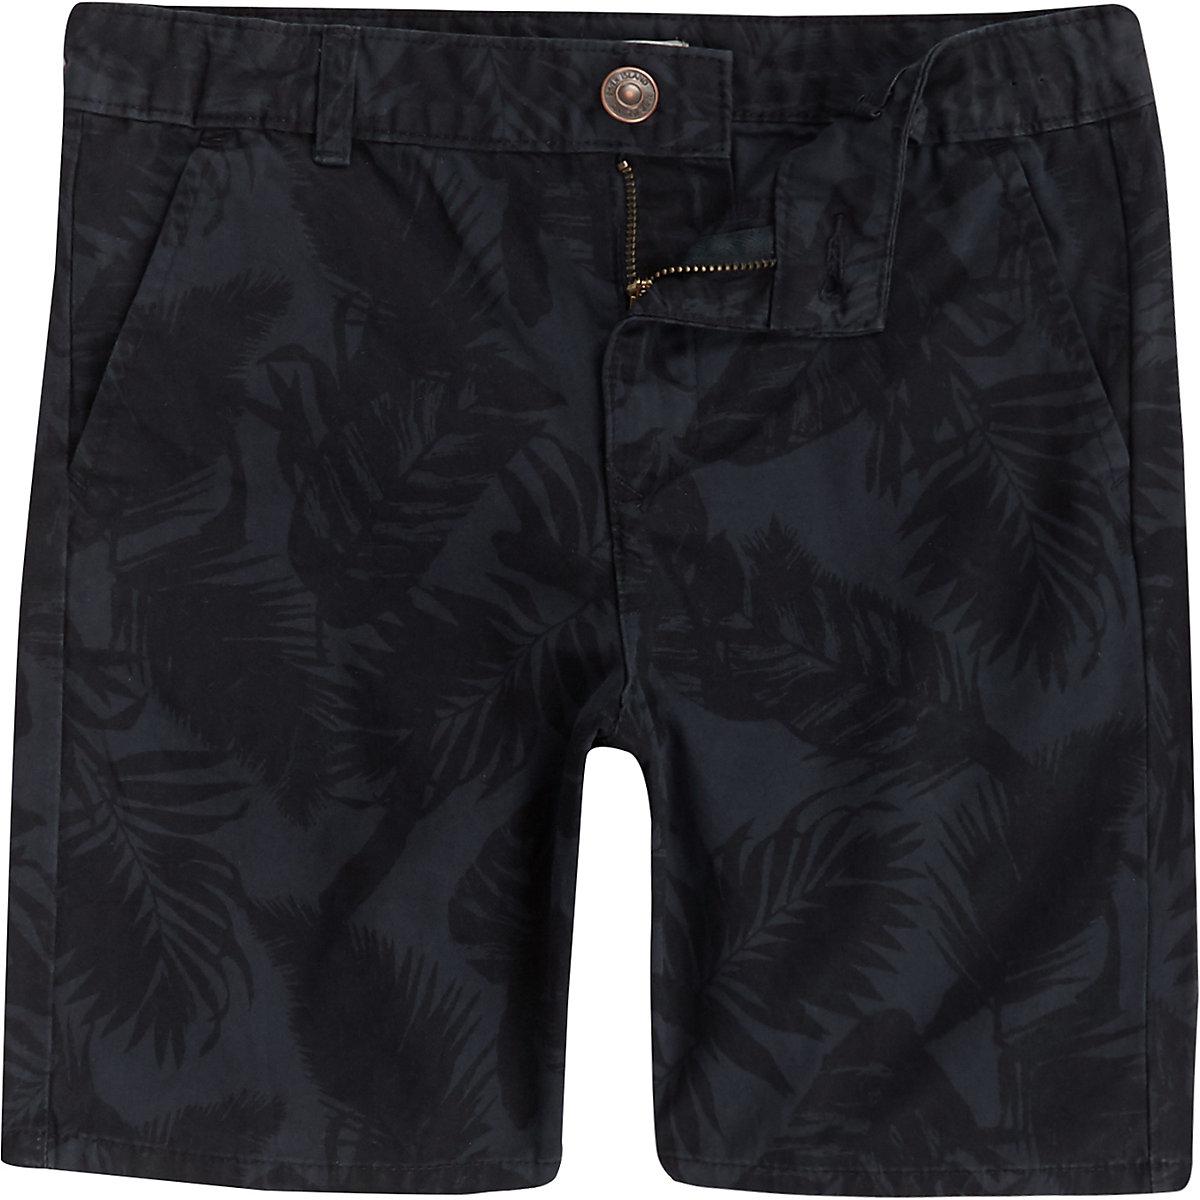 Marineblaue, geblümte Chino-Shorts